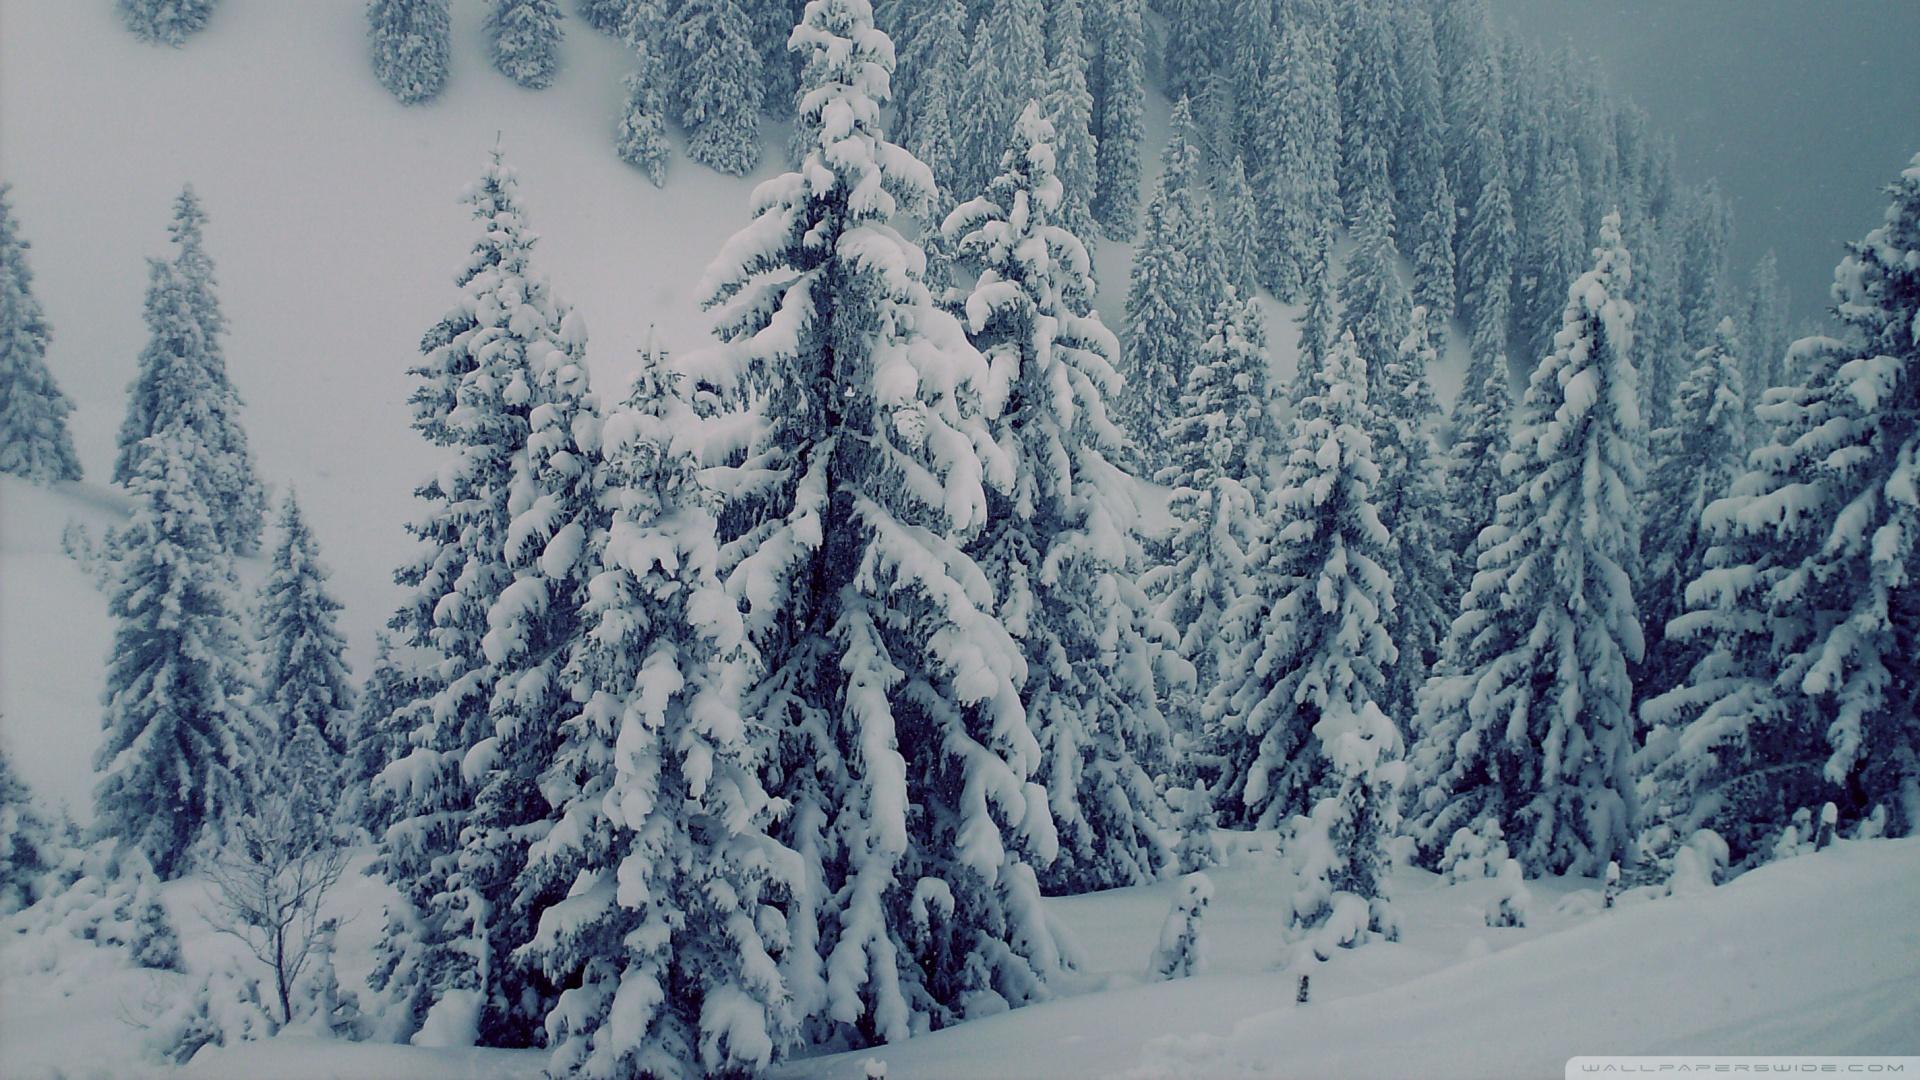 Snowy Fir Trees 3 Wallpaper 1920x1080 Snowy Fir Trees 3 1920x1080